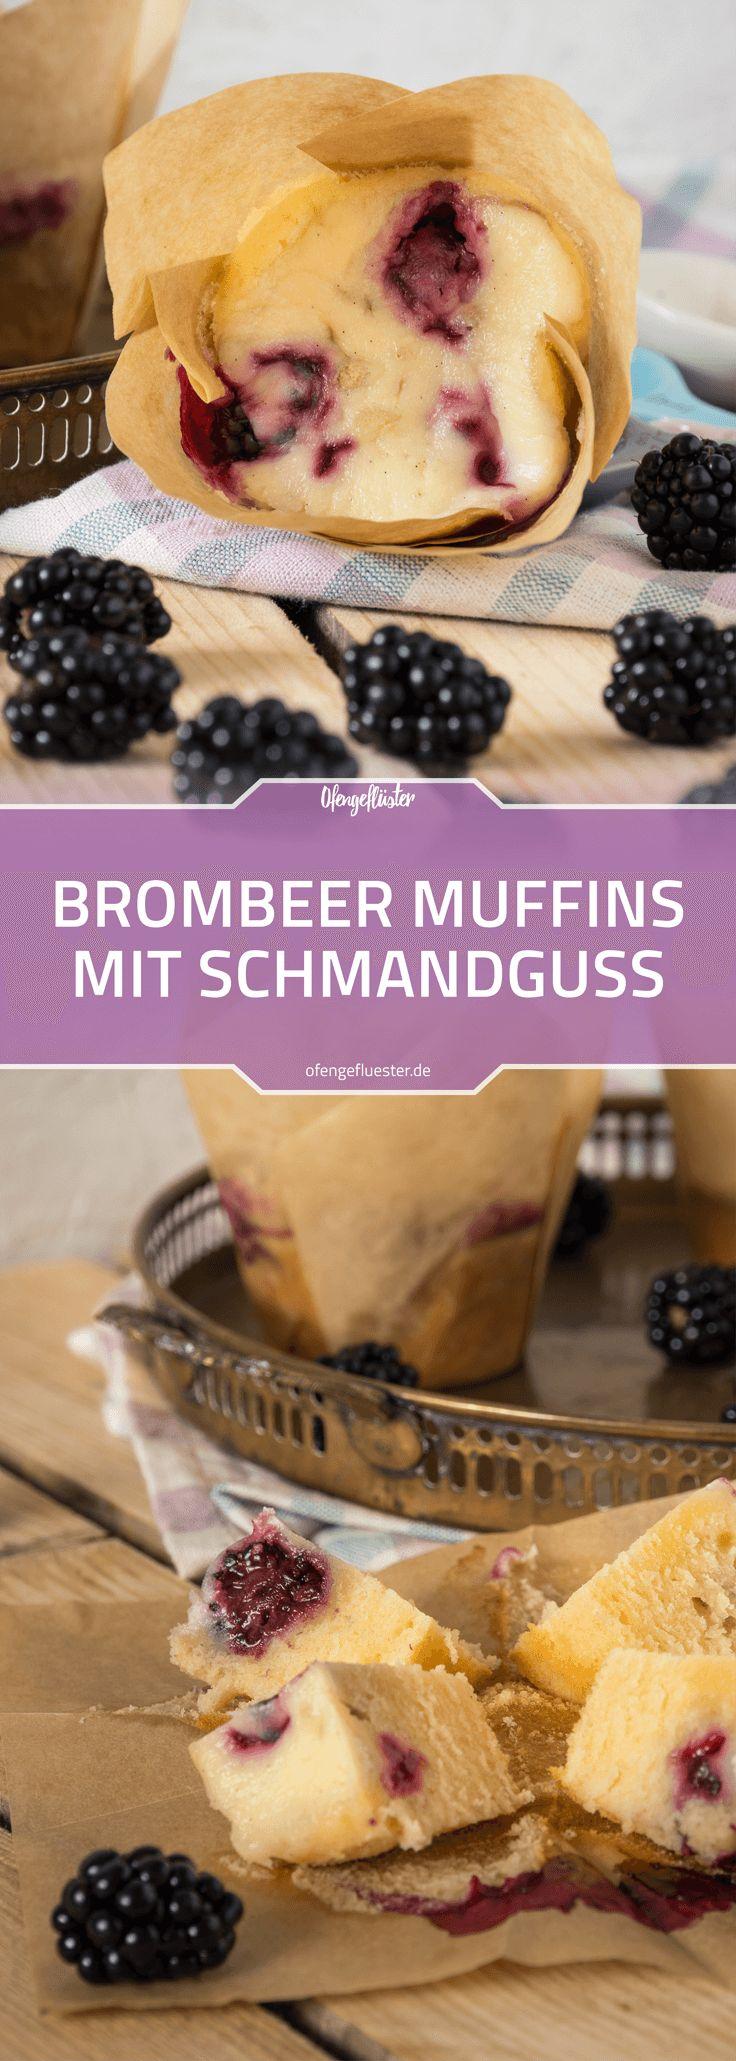 Brombeer-Muffins mit Schmandguss Rezept